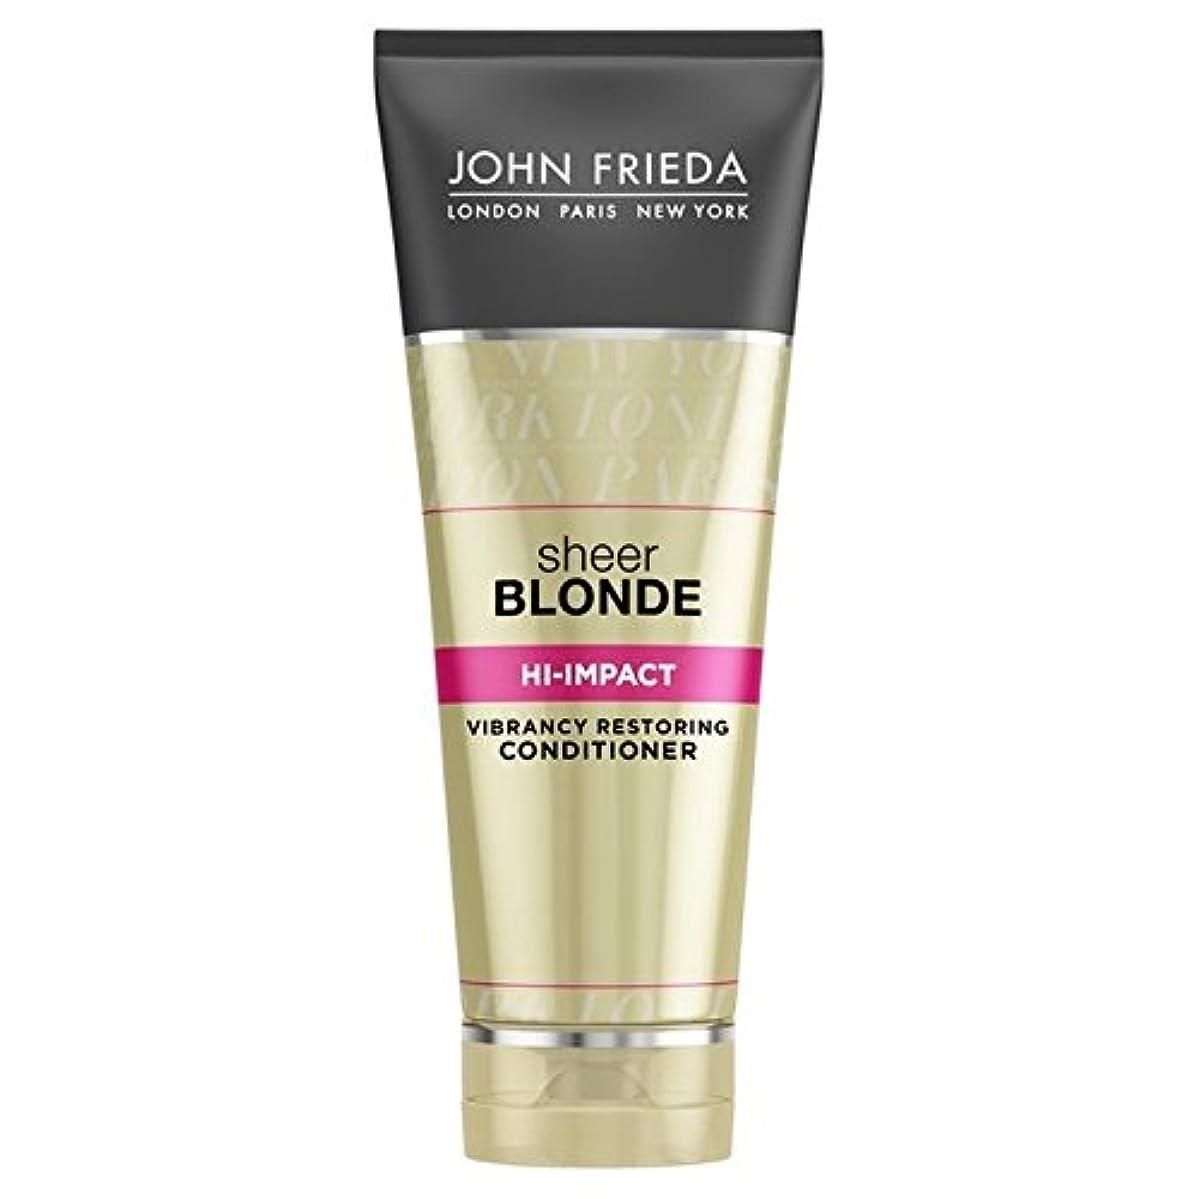 キウイインセンティブ病John Frieda Sheer Blonde Hi Impact Conditioner 250ml - ジョン?フリーダ膨大なブロンドハイインパクトコンディショナー250 [並行輸入品]